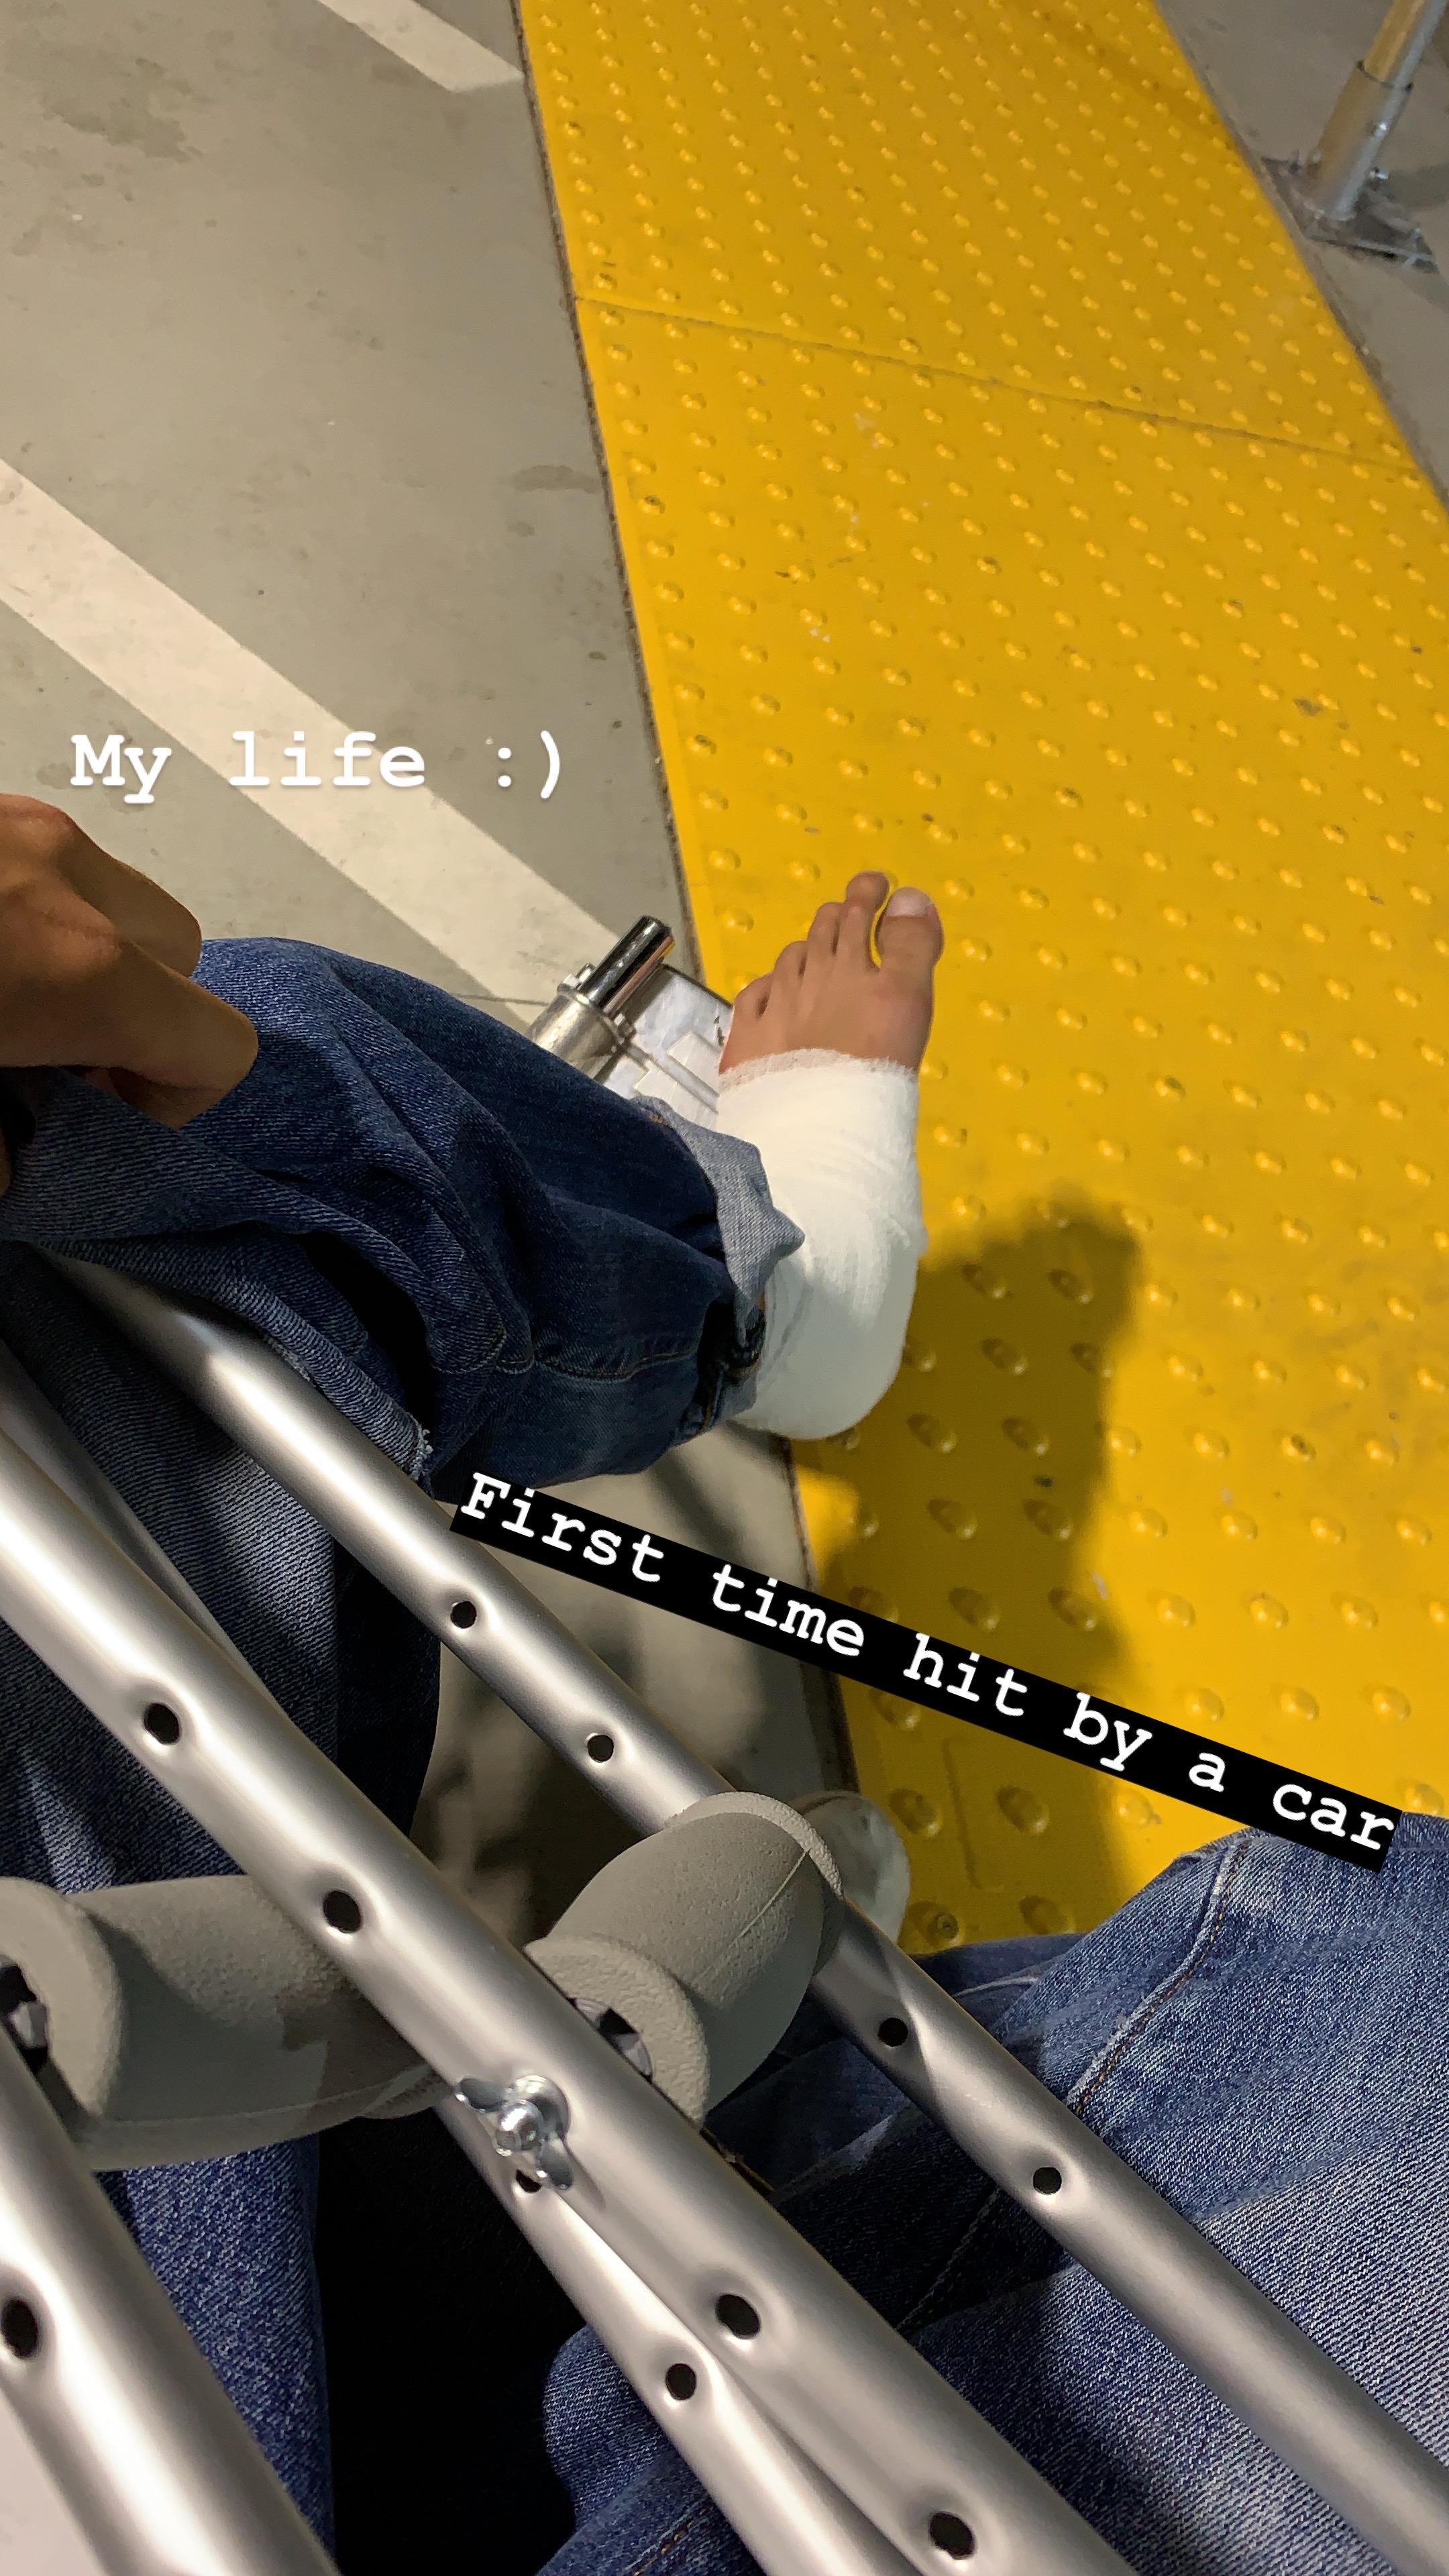 アメリカで車に轢かれた件